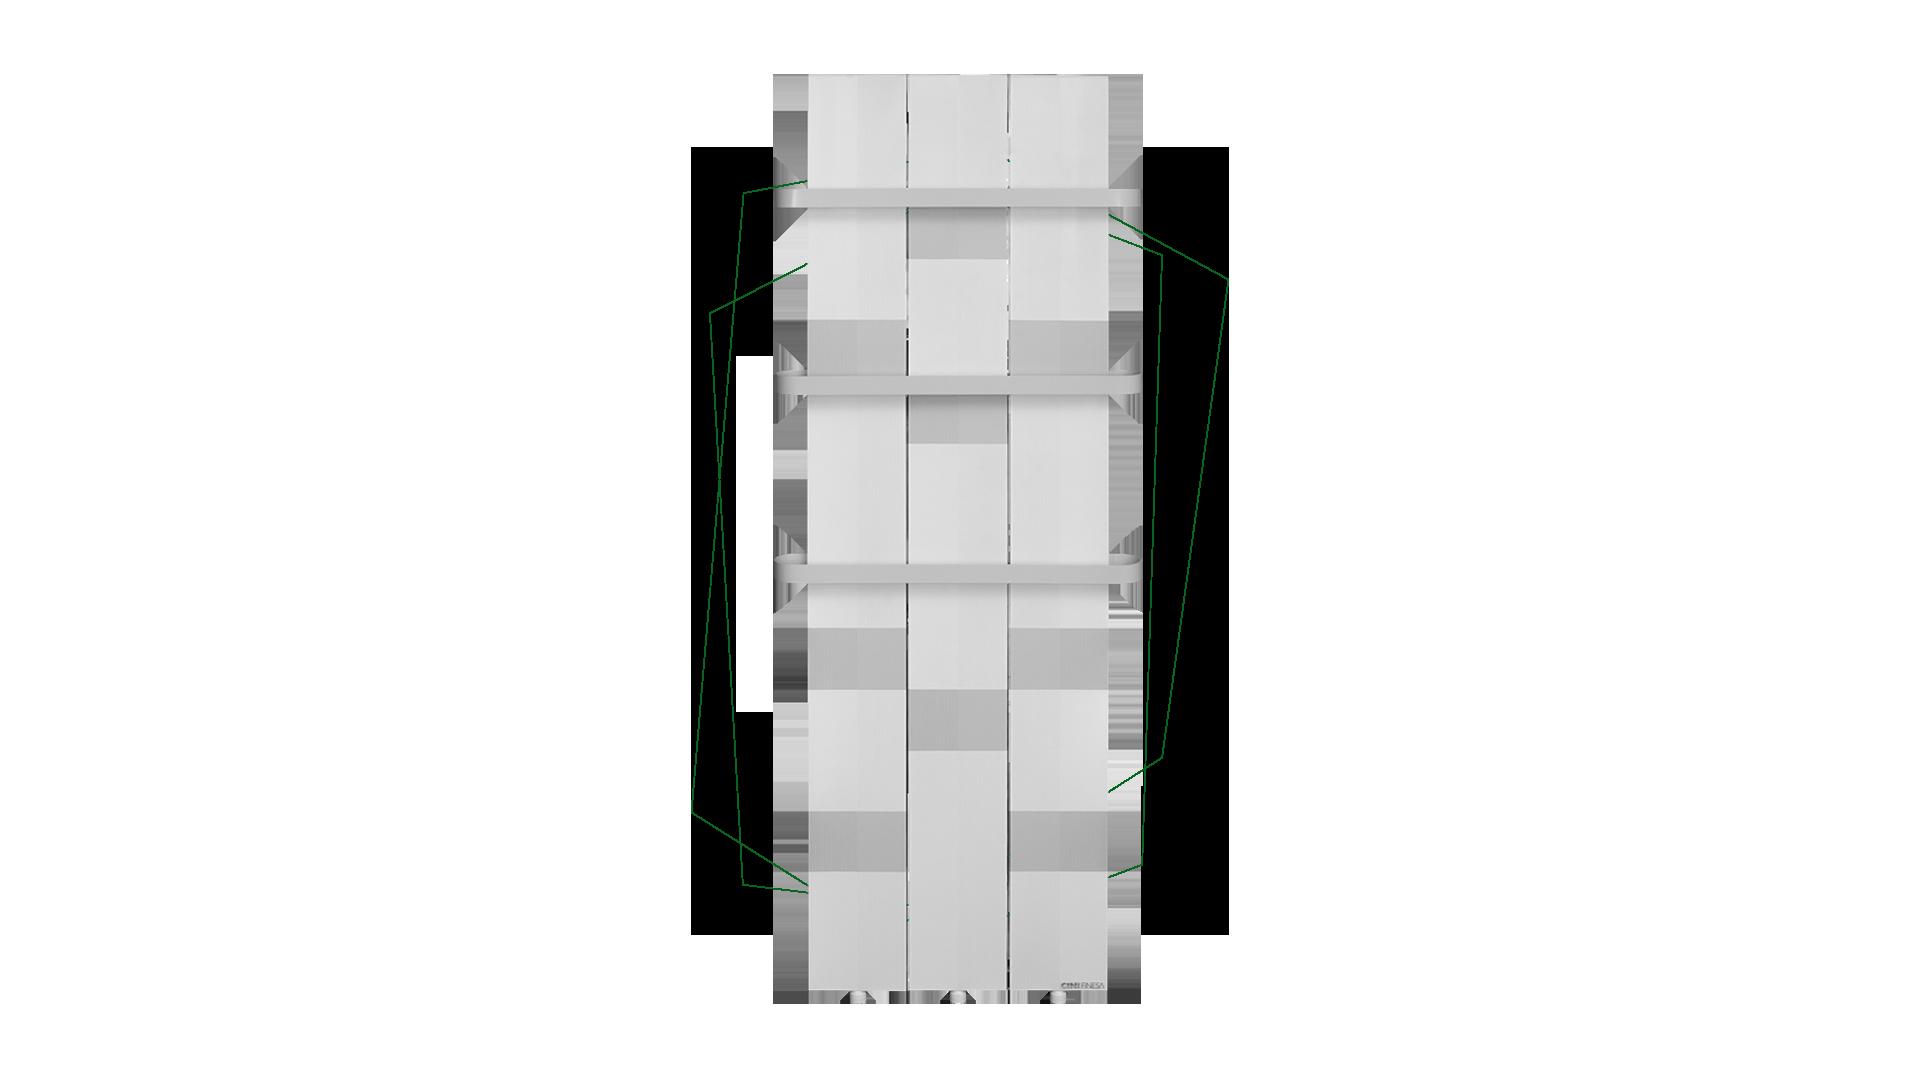 Radijator za kupatilo finesa cini